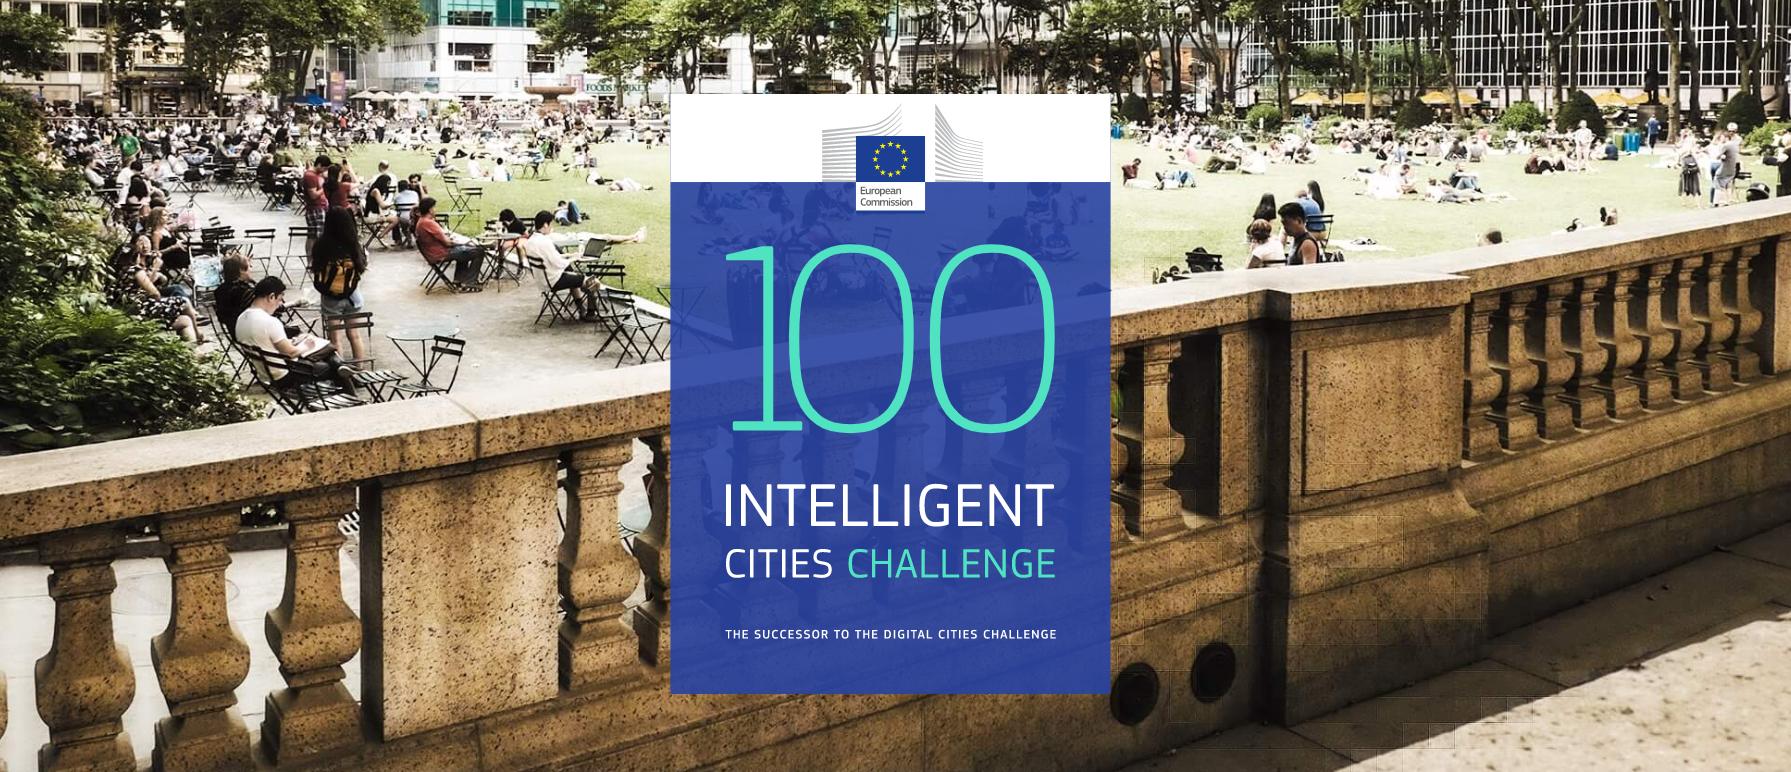 Está aberto o desafio para as Cidades Inteligentes